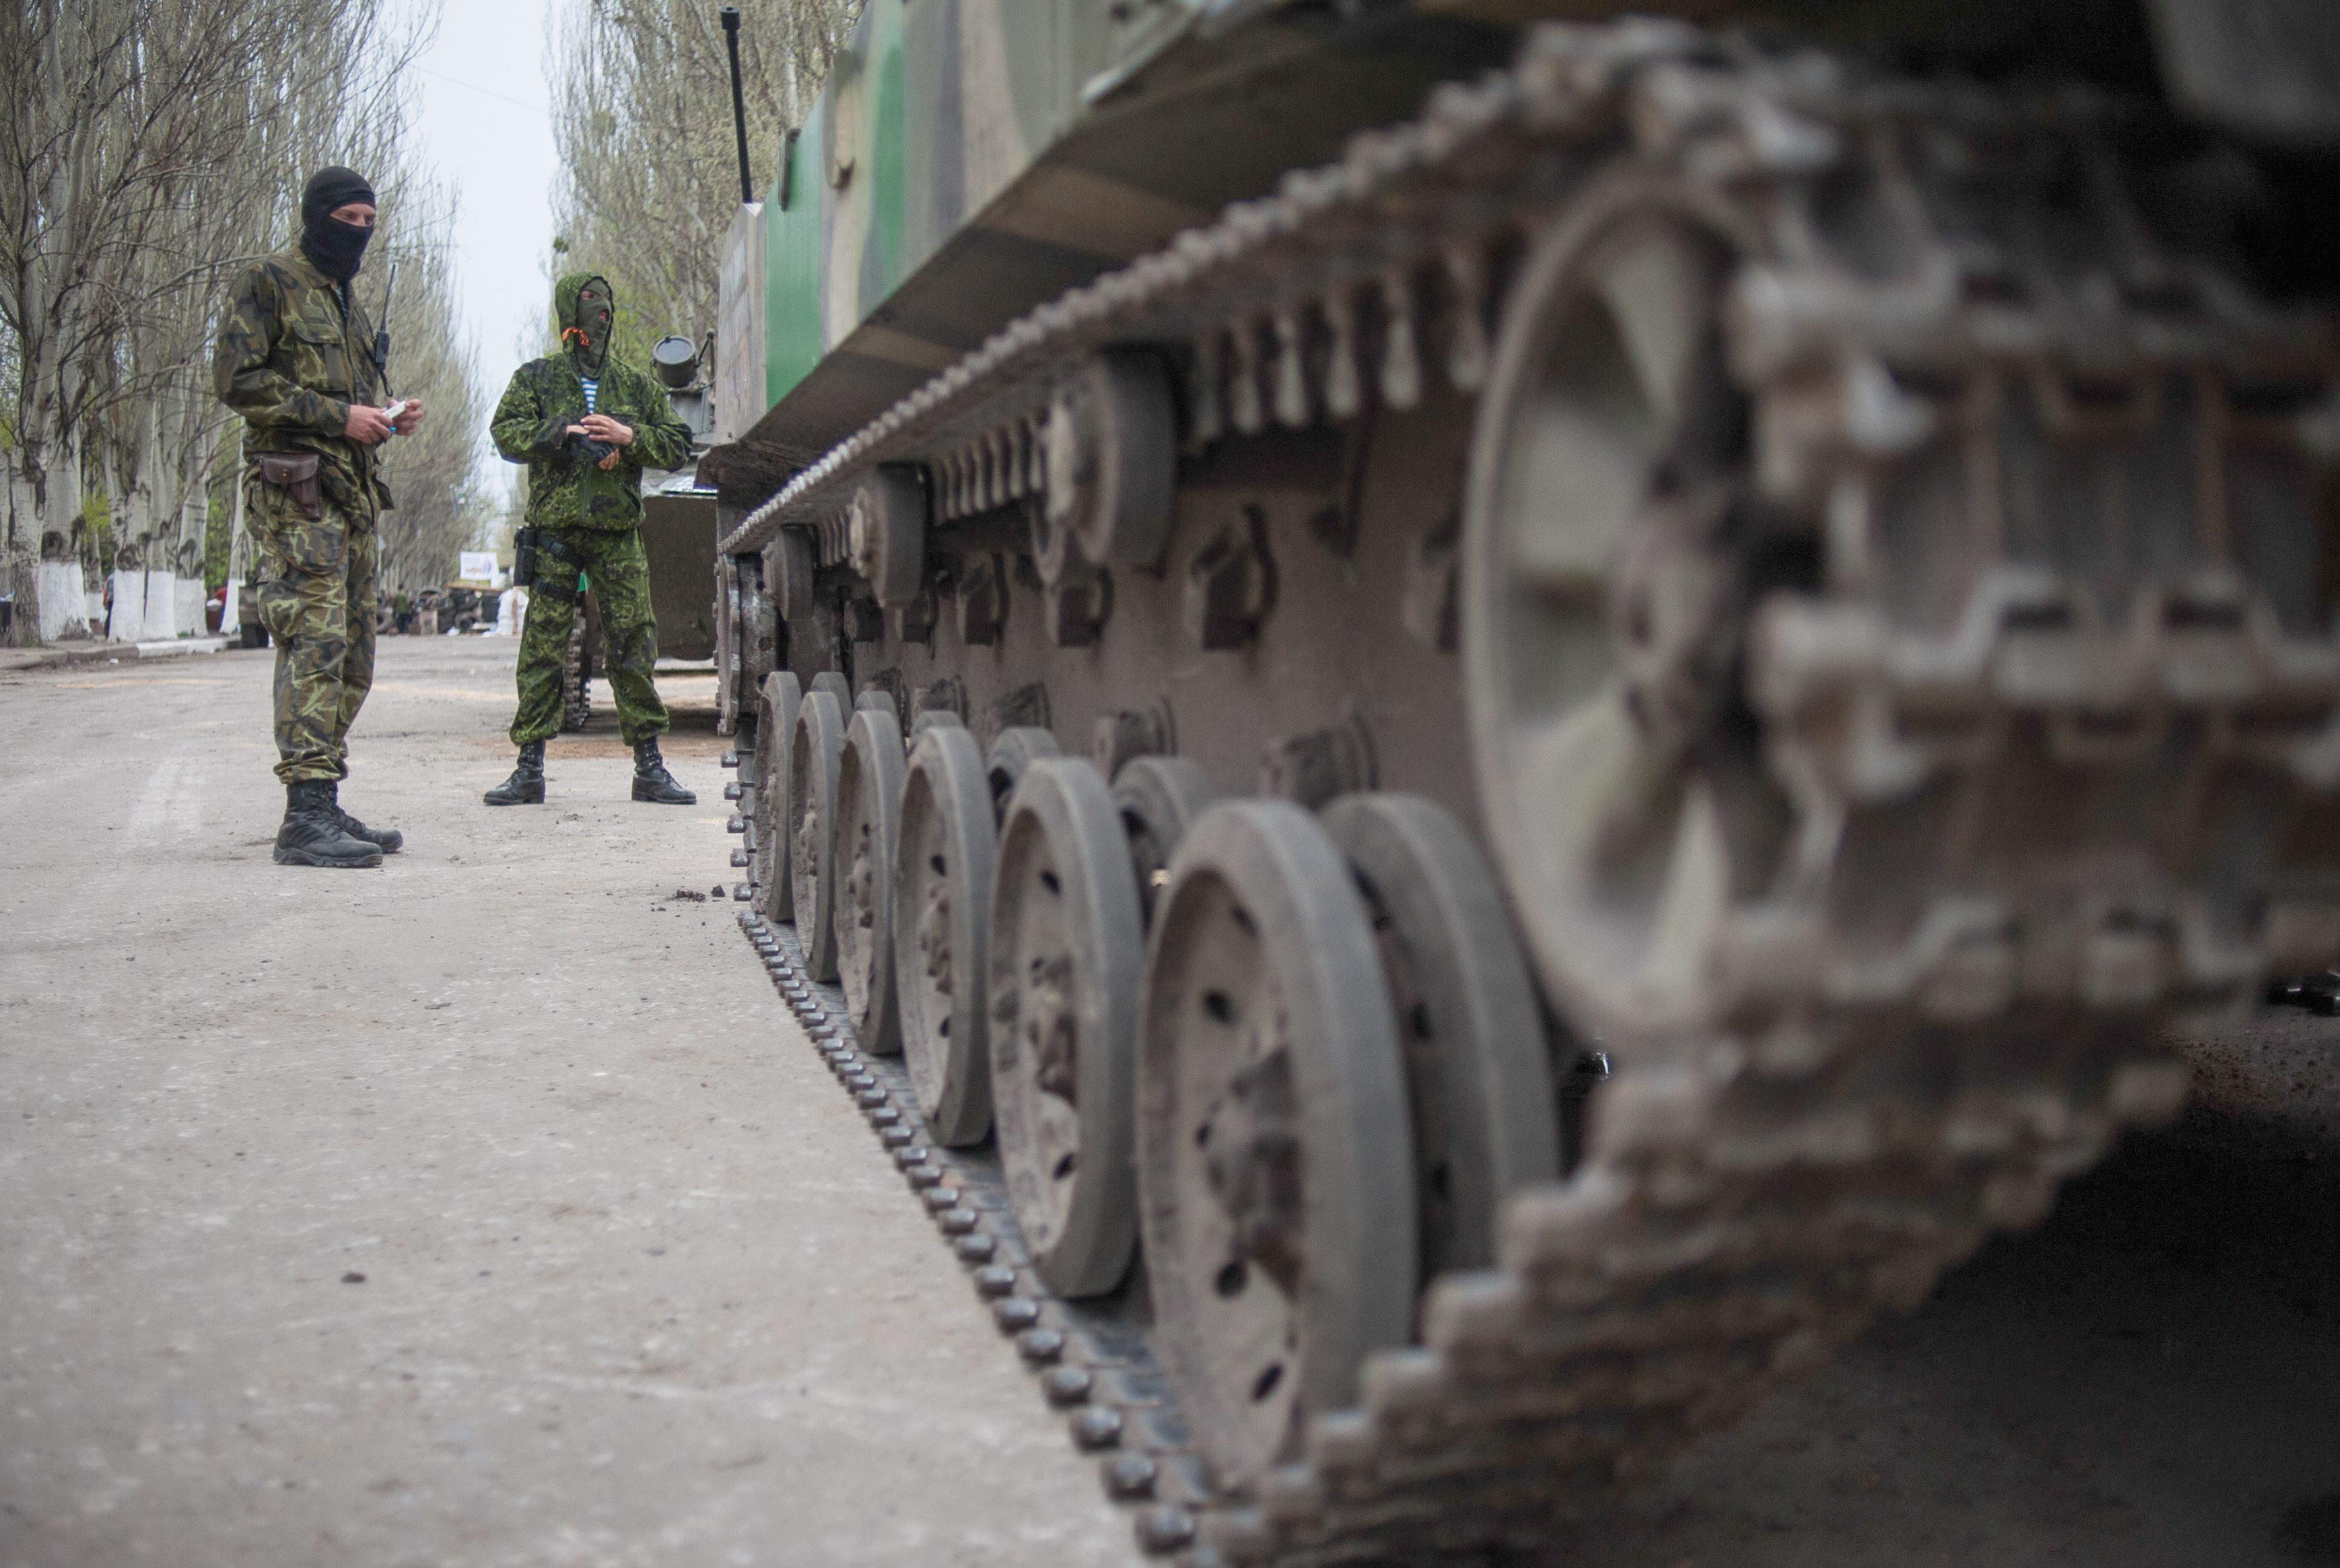 Rusia se muestra indignada con el tiroteo en el este de Ucrania